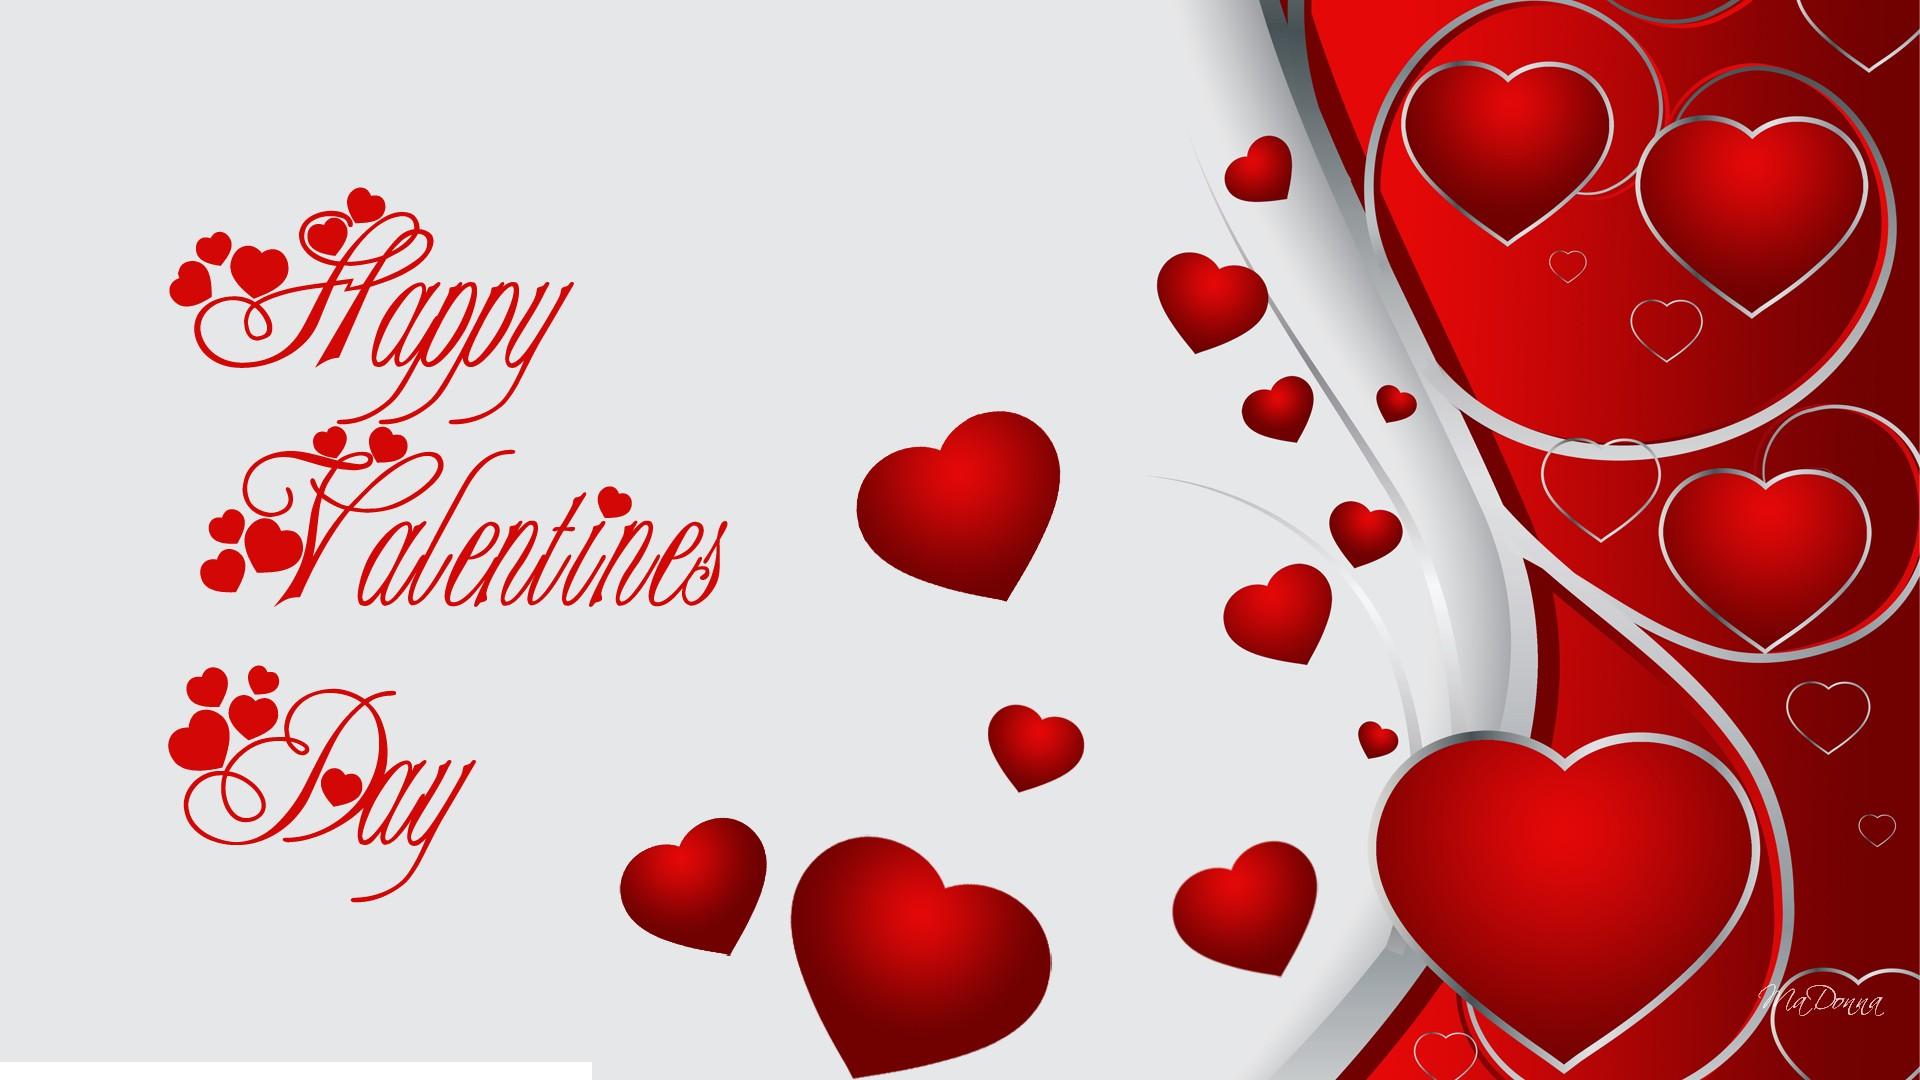 Hình ảnh Valentine đẹp nhất